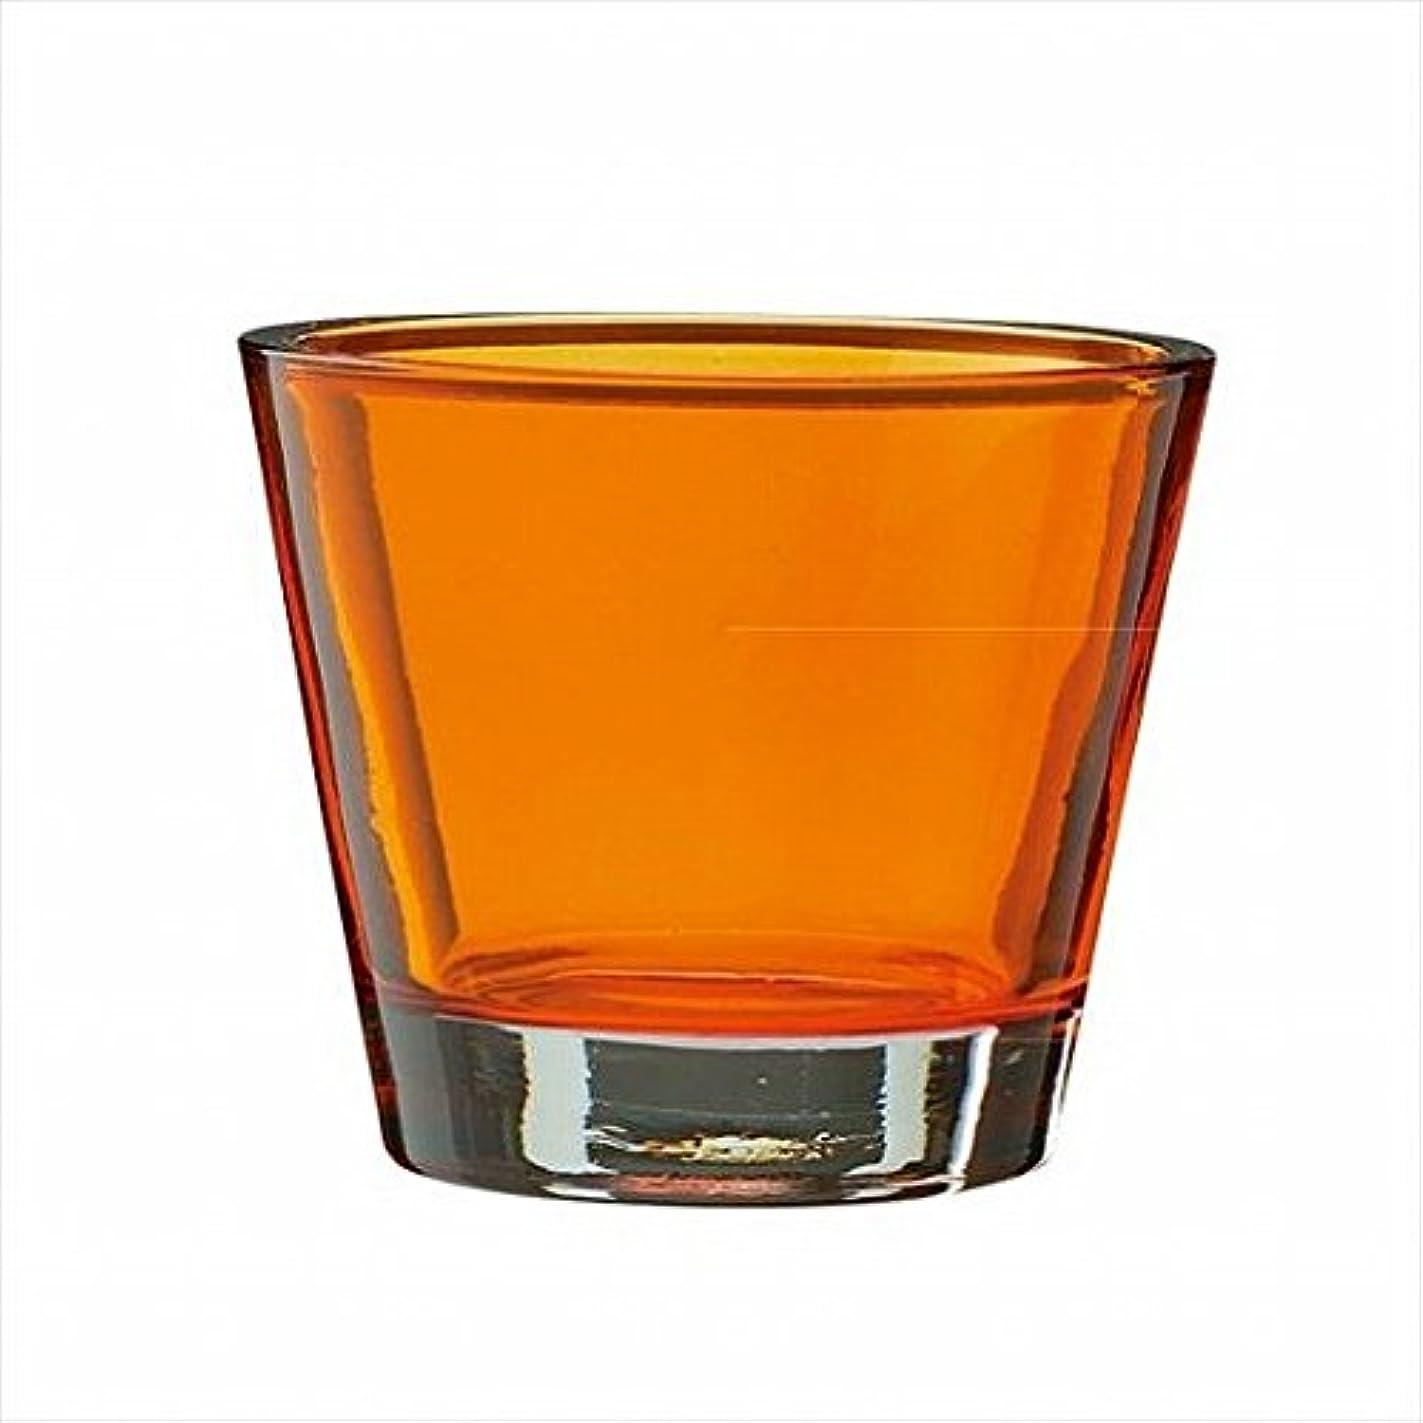 正午巻き戻す正気kameyama candle(カメヤマキャンドル) カラリス 「 オレンジ 」 キャンドル 82x82x70mm (J2540000OR)